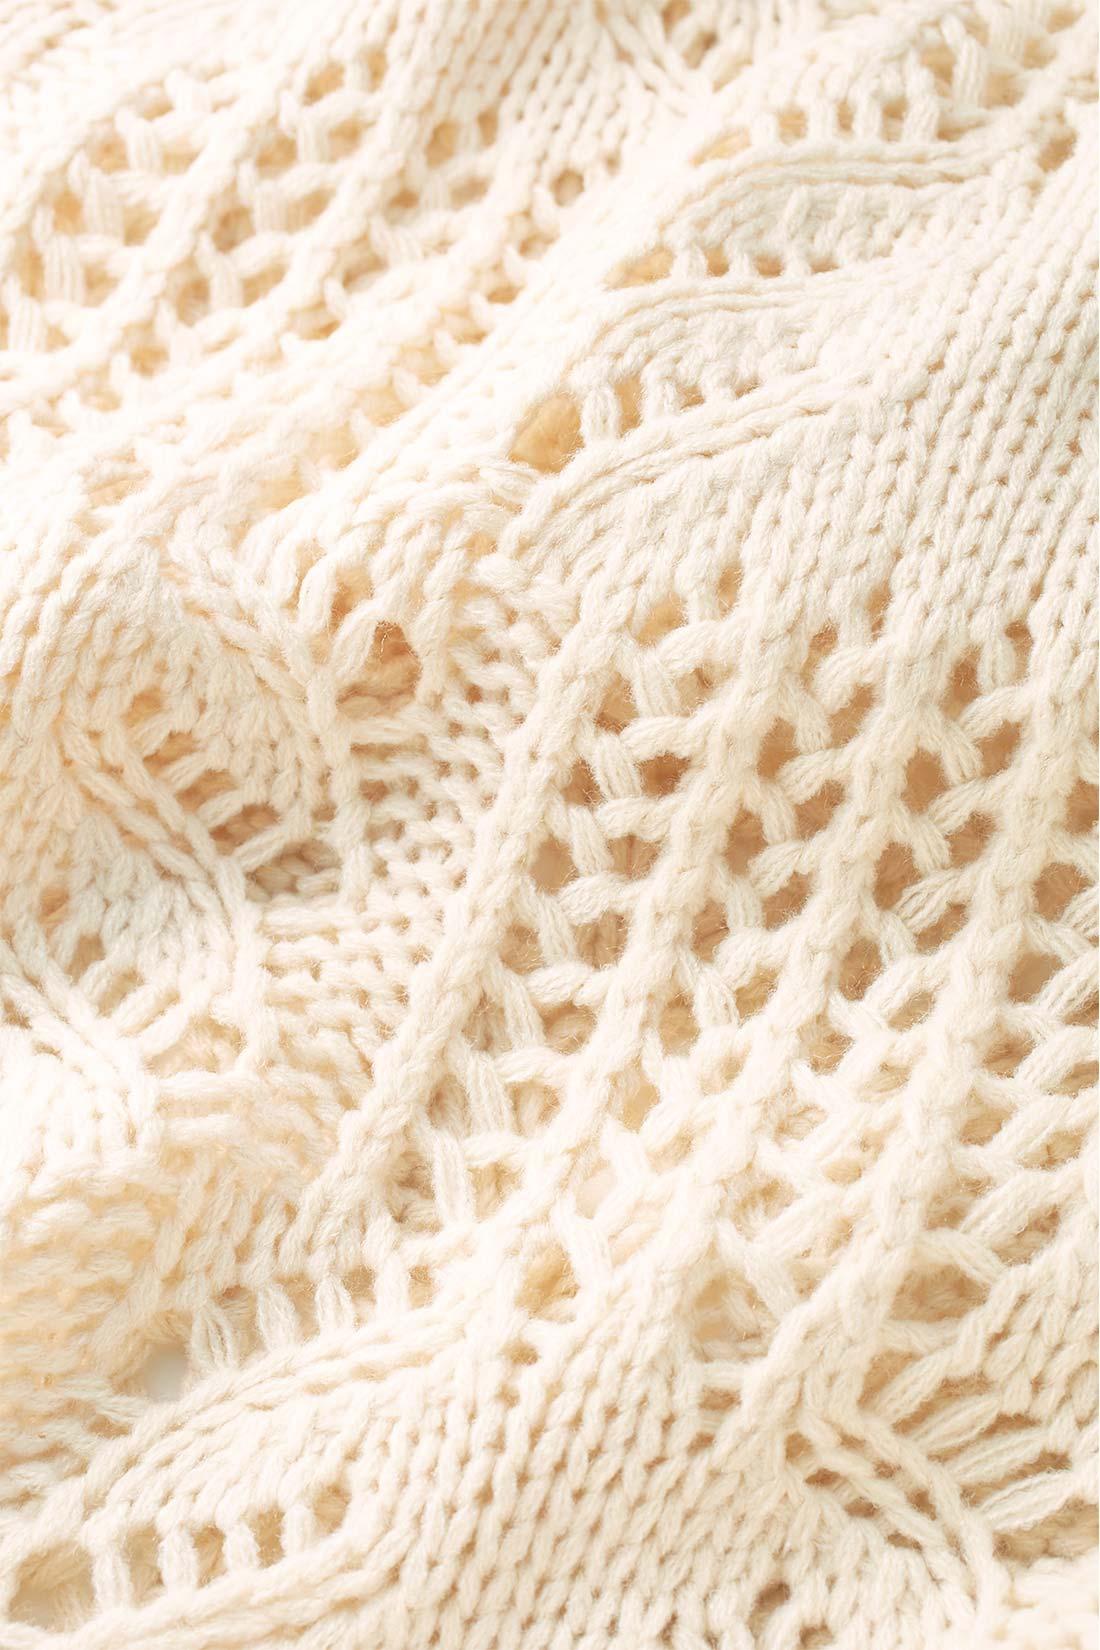 すそをスカラップで仕上げたぜいたくな編み柄は大人っぽい表情。